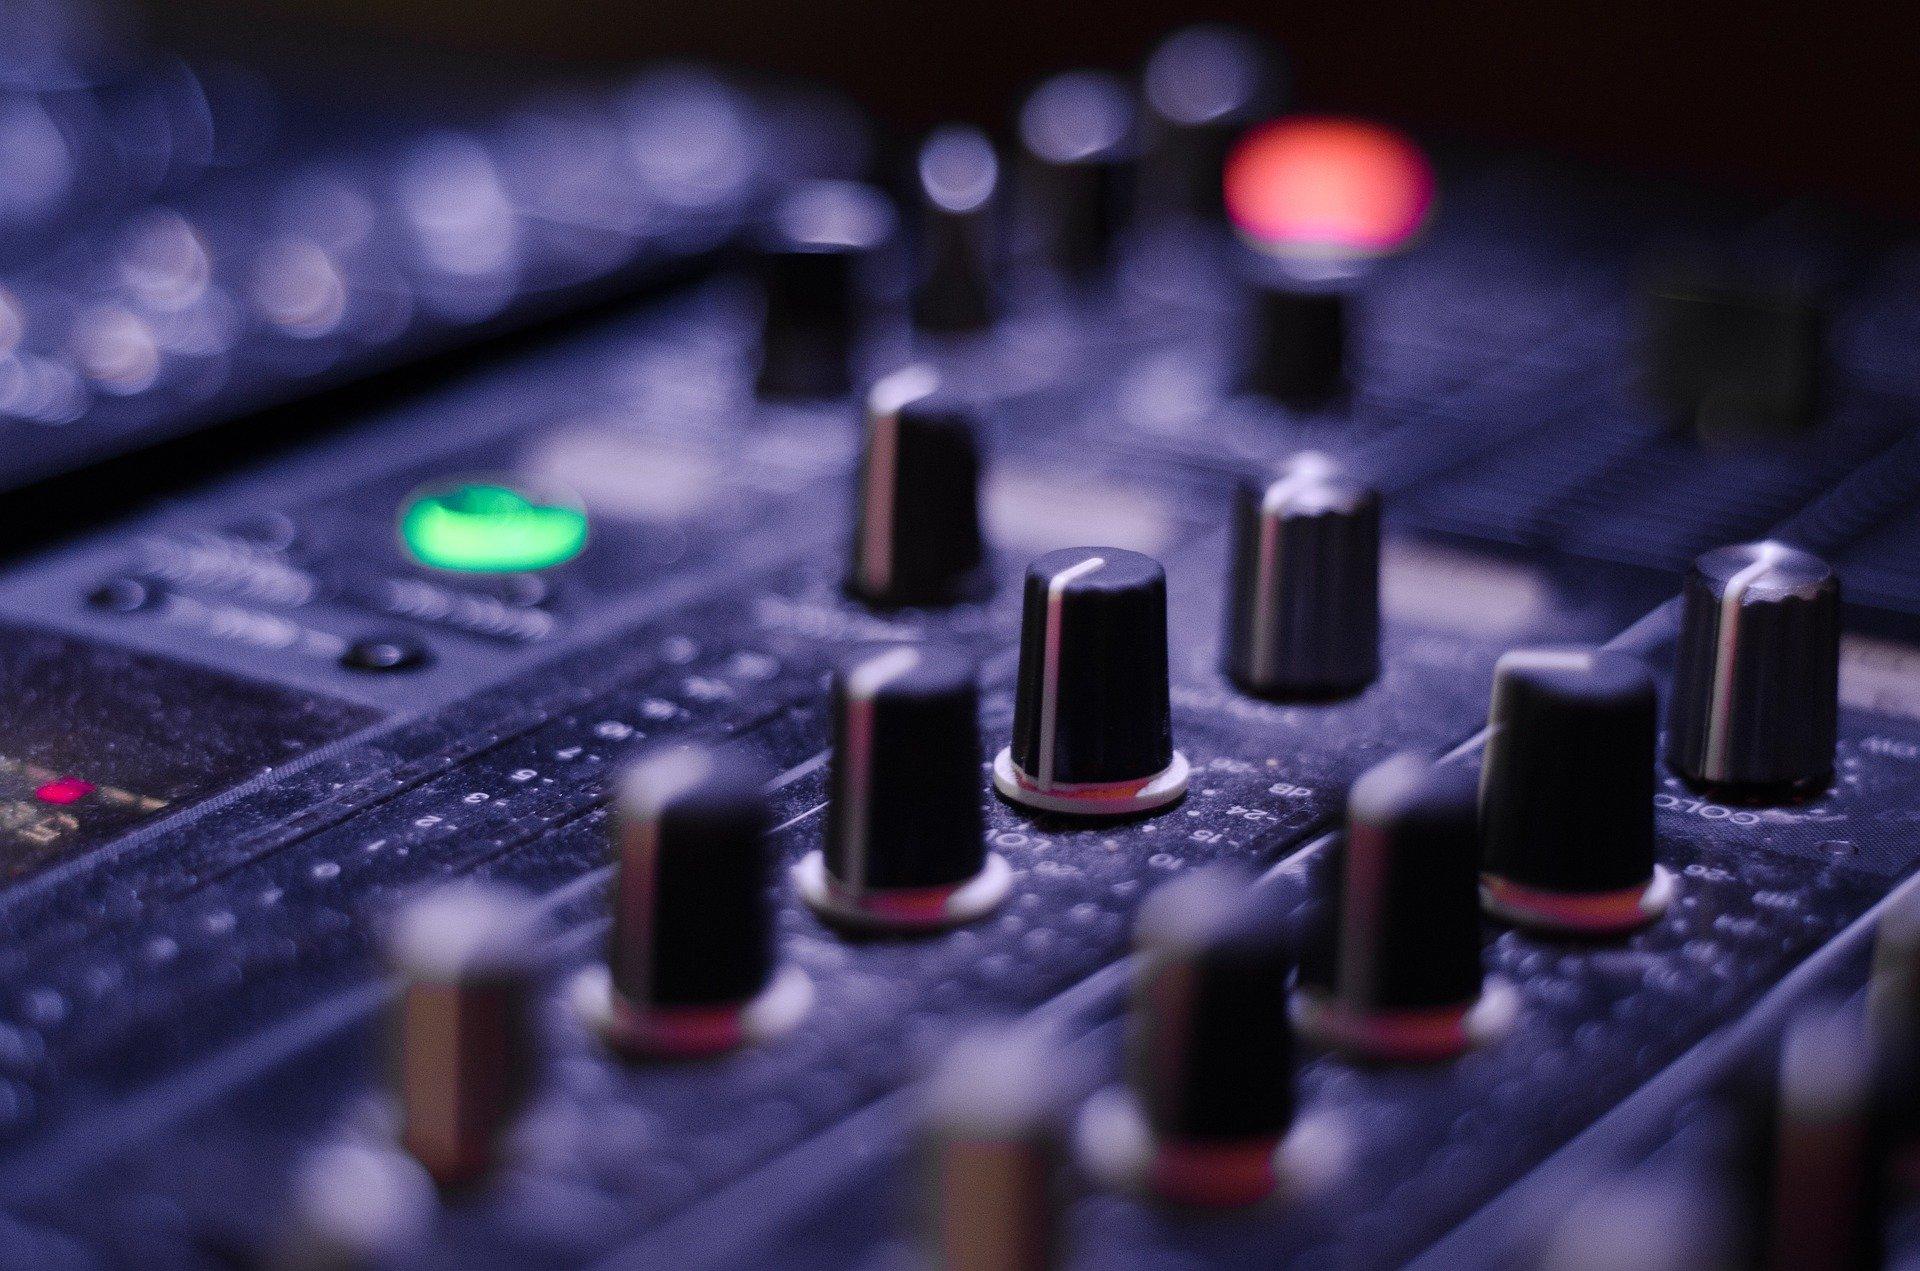 dj mixer london